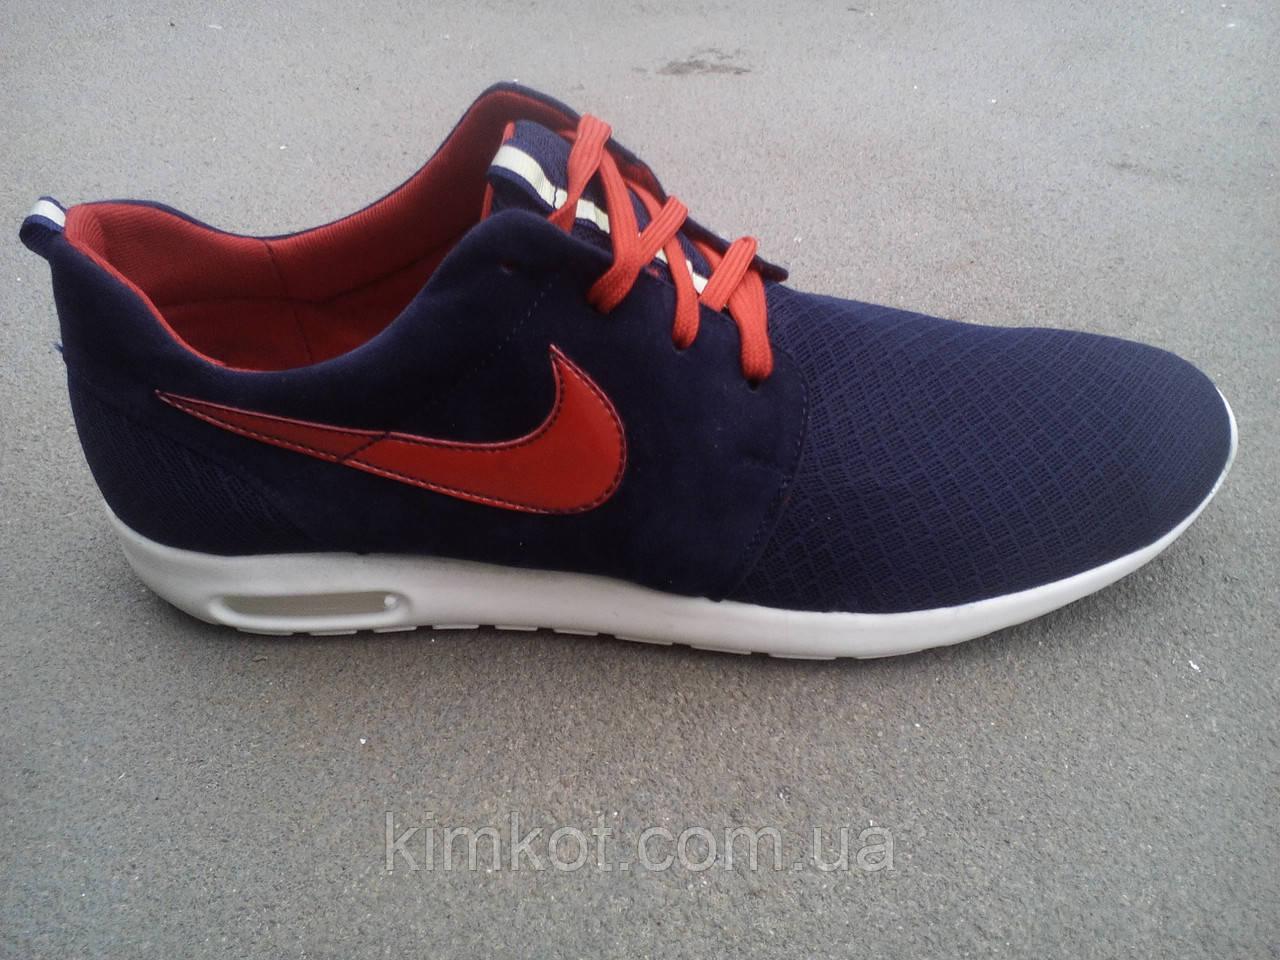 ecc25f1435fd Мужские кроссовки Nike большие размеры 46-48 р-р  продажа, цена в ...